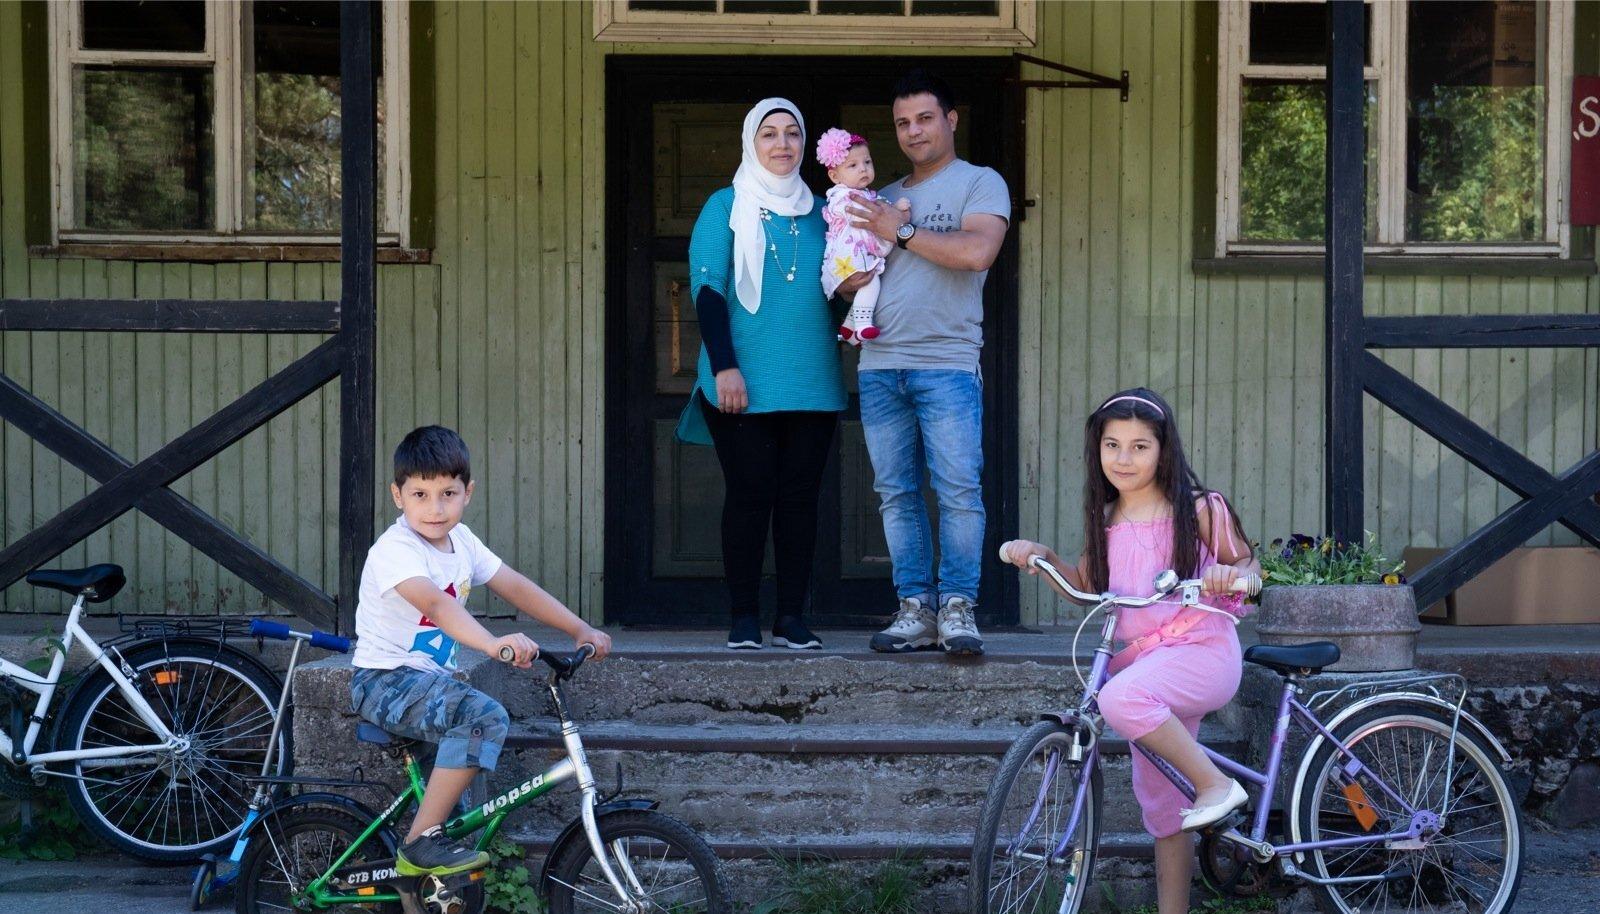 Huda, Belal ja nende lapsed on väga hästi kohanenud oma uue koduga Harju-Risti vanas koolimajas. Suureks abiks on olnud kohalik kogukond.